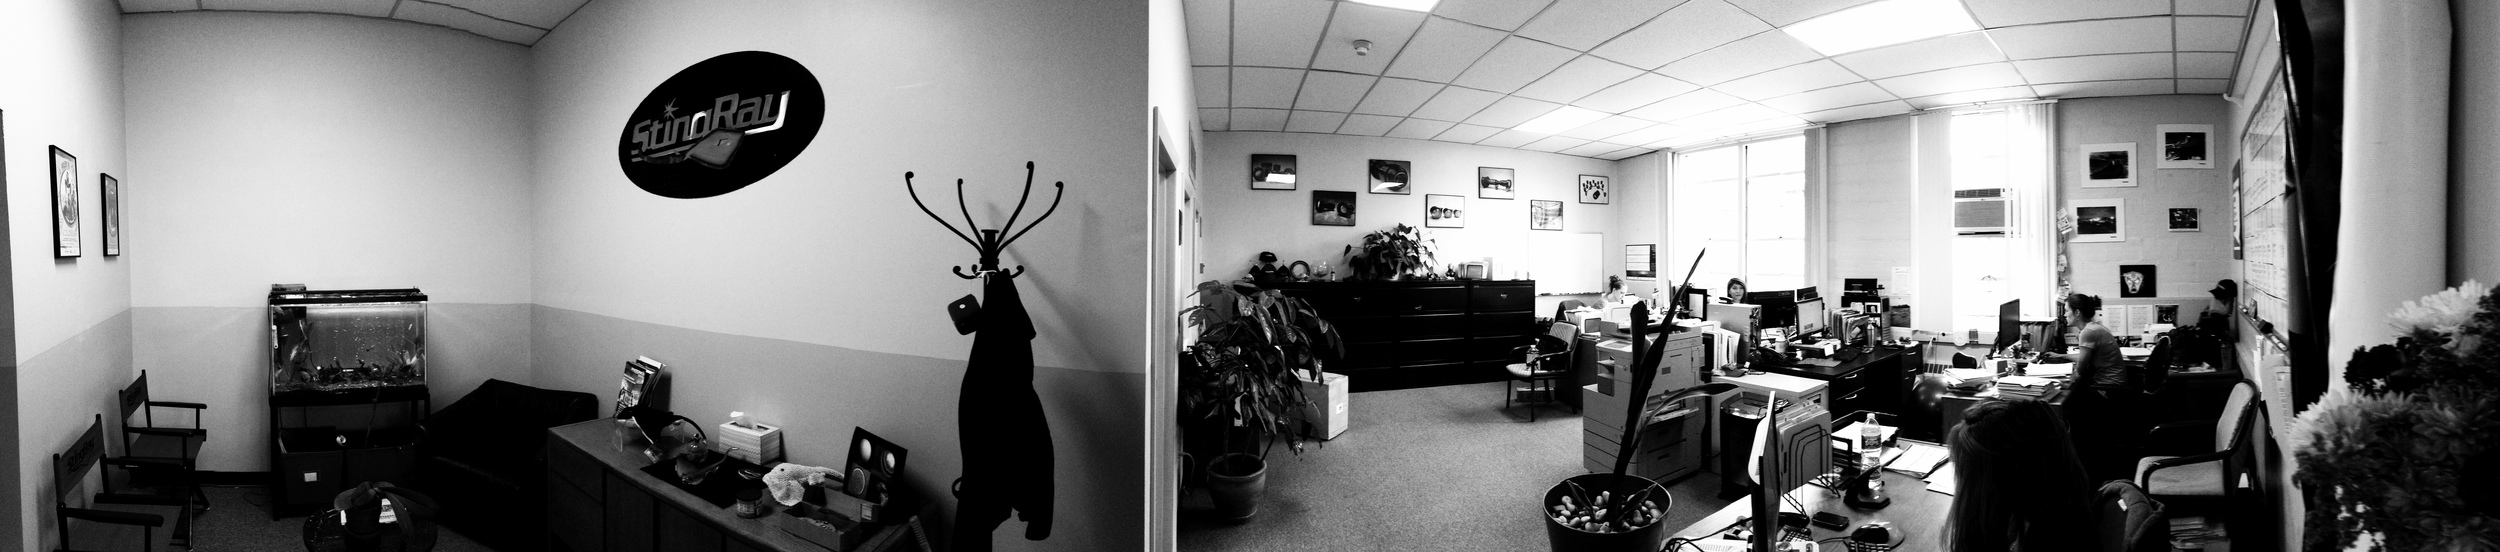 sales office.jpg